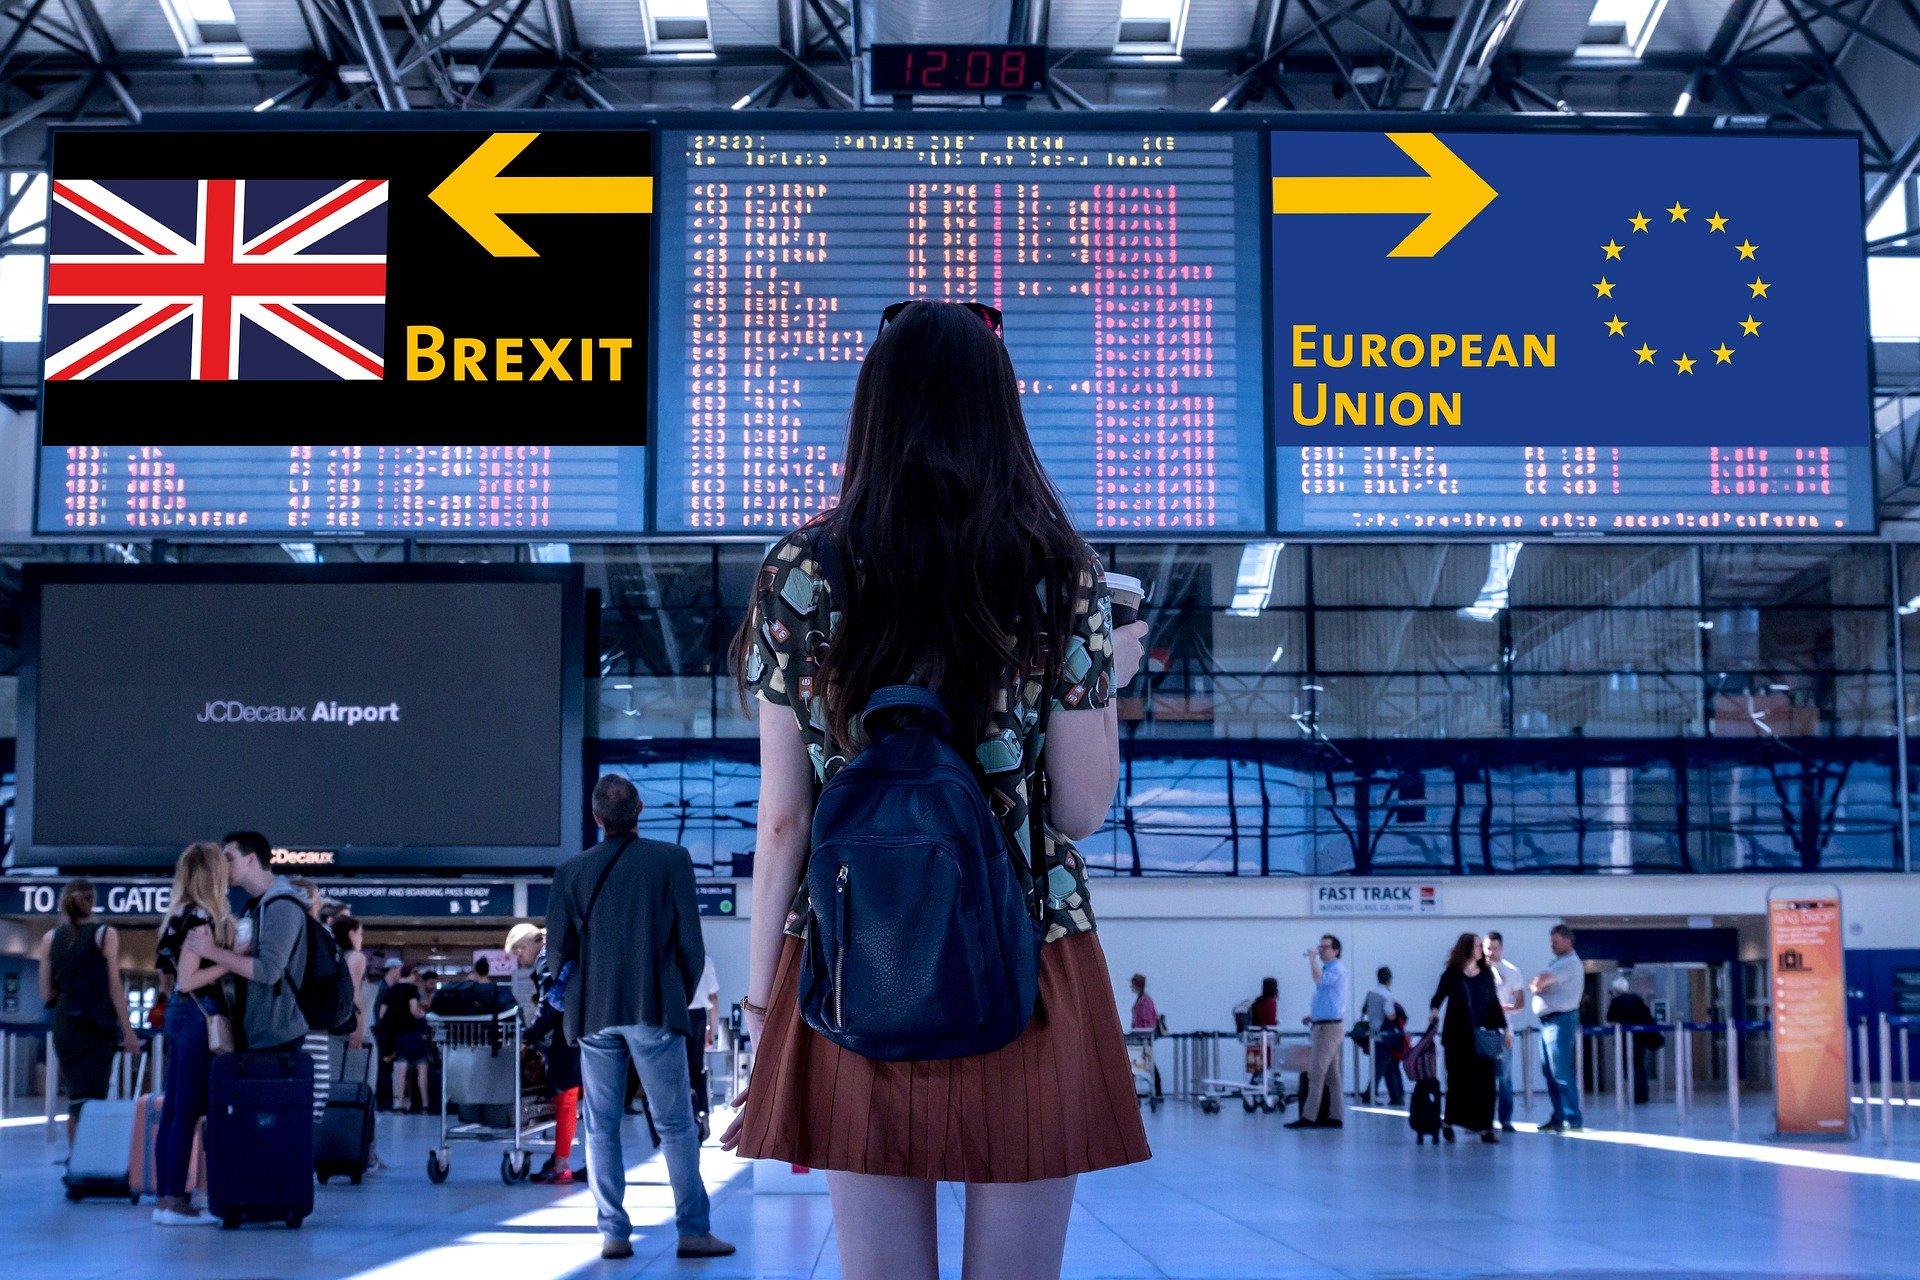 Bis Ende Oktober kann man noch mit einem Personalausweis nach Großbritannien reisen